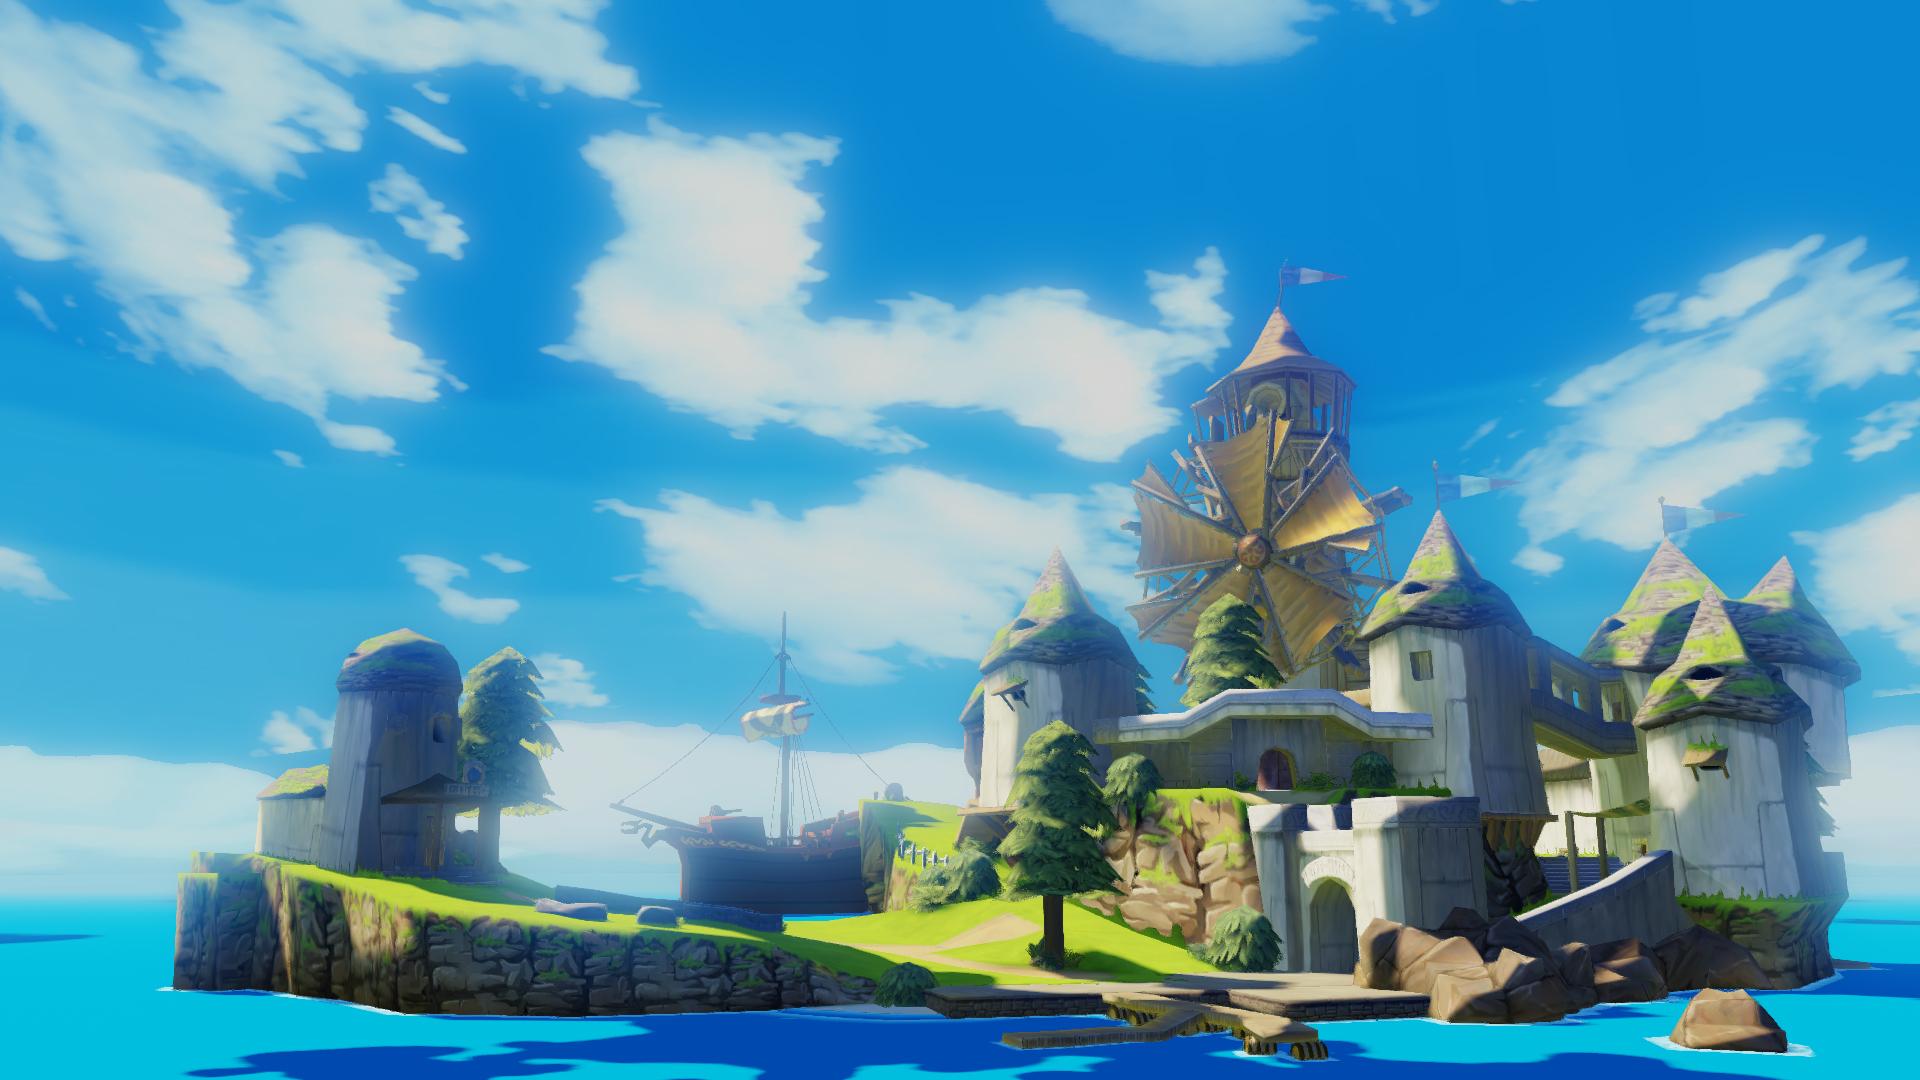 S'aquò vos interessa, i a un remaster de Zelda The Wind Waker sus WiiU, vos o conselhi !